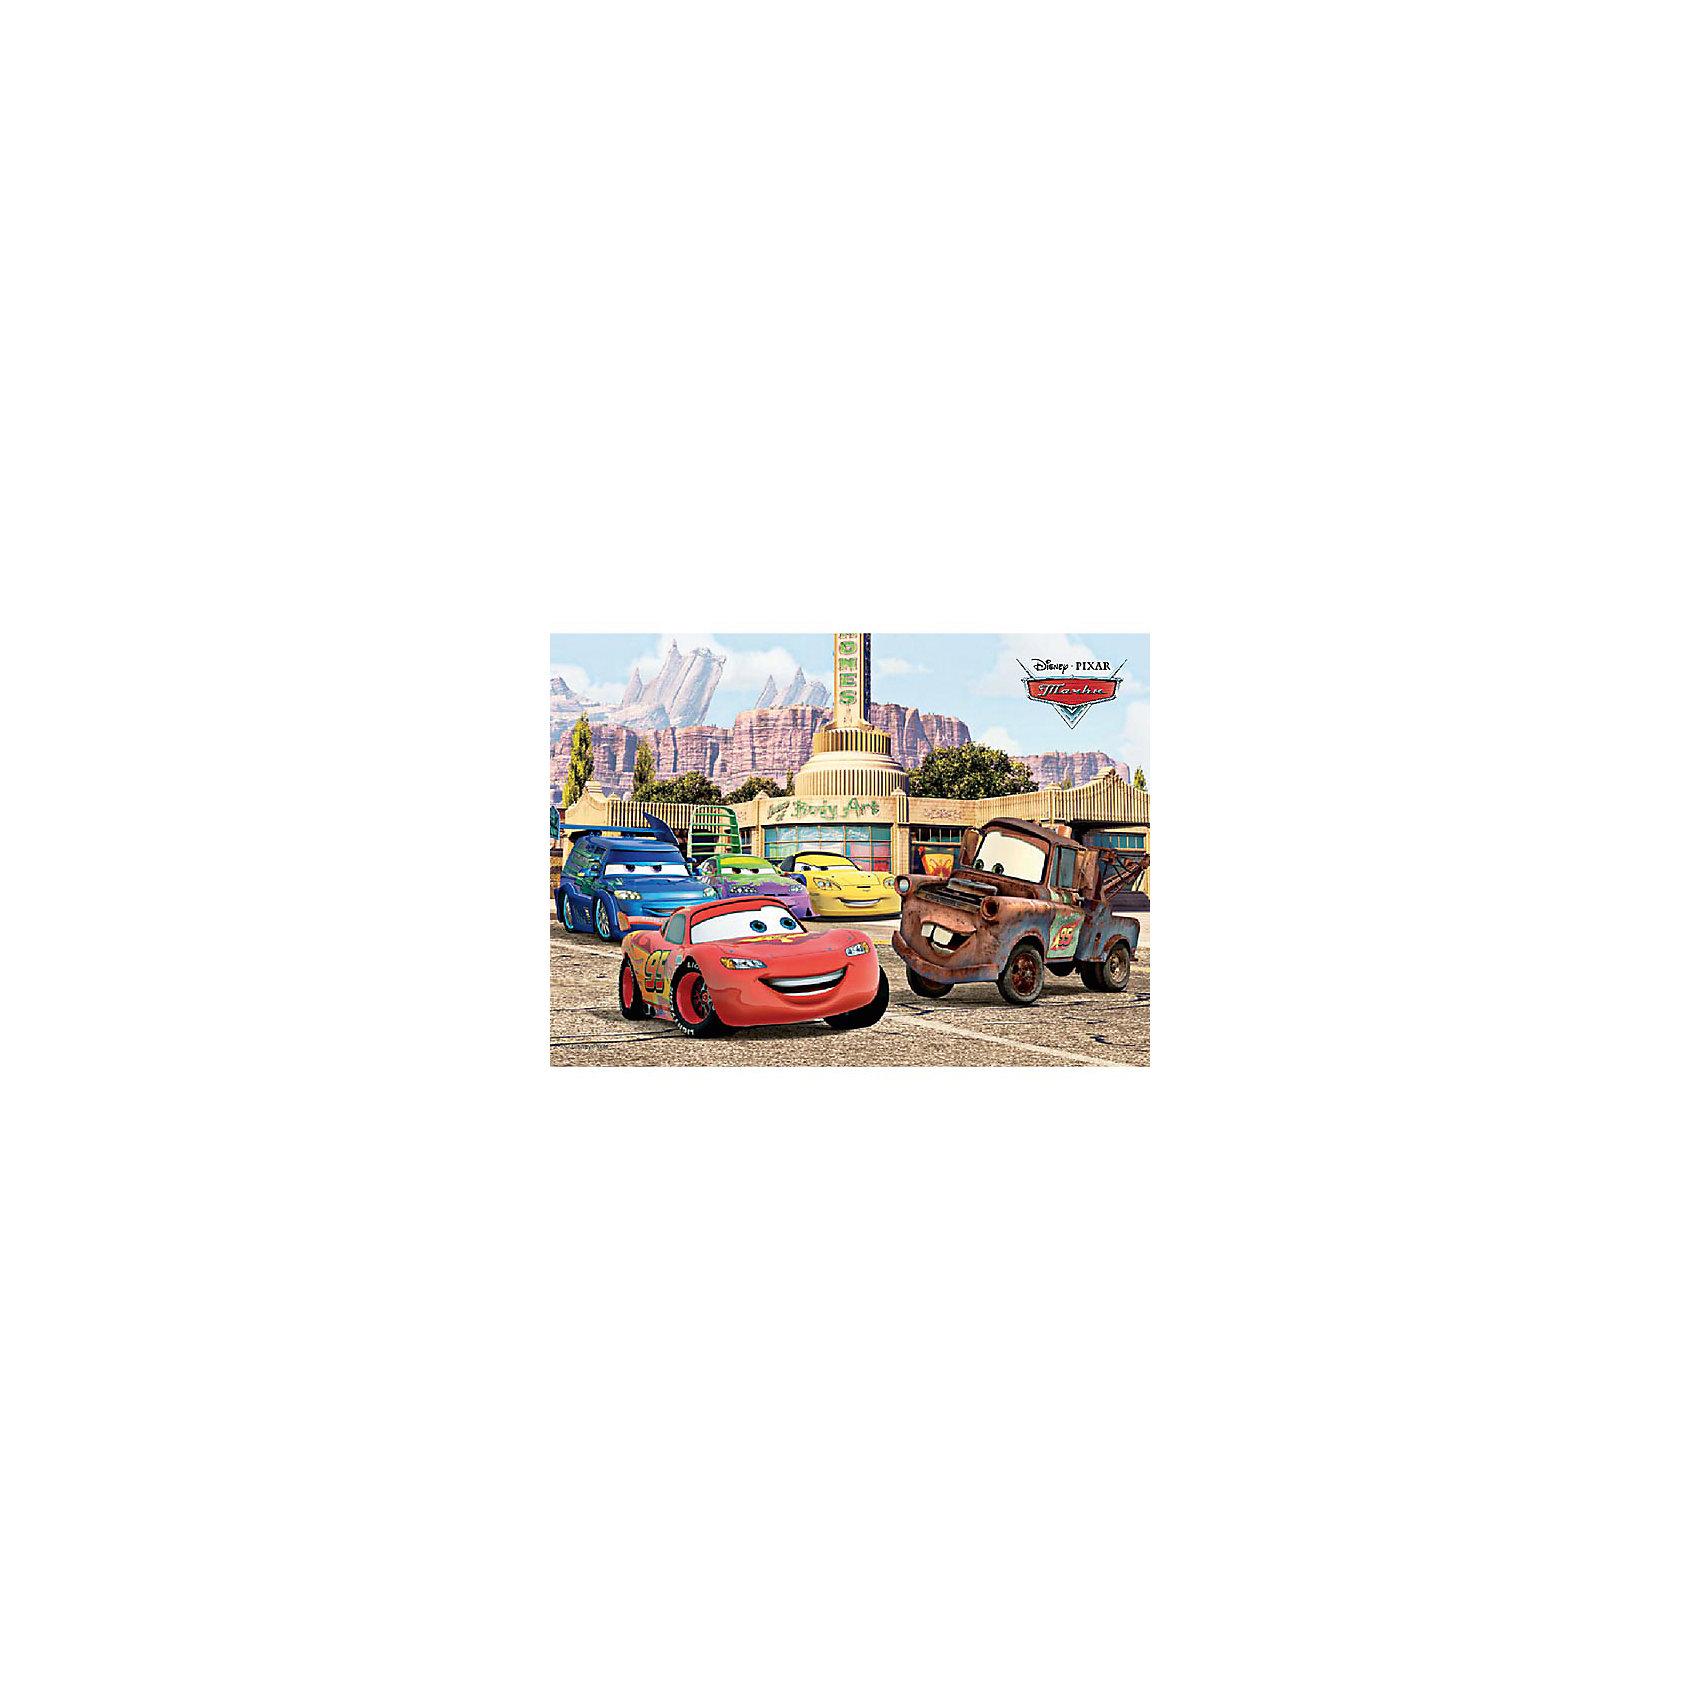 3D-наклейка Друзья в Радиатор Спрингс, Disney ТачкиКрасочная 3D-наклейка Друзья в Радиатор Спрингс, Disney Тачки, станет замечательным украшением интерьера детской комнаты, особенно если Ваш ребенок является поклонником популярного диснеевского мультфильма Тачки (Cars). На объемной 3D- картинке представлены самые известные обитатели Радиатор Спрингс - стремительный гонщик Молния МакКуин, его веселый приятель тягач Мэтр и другие герои. Наклейка прочно крепится на стену с помощью специальных клеевых точек (входят в комплект). Выполнена из нетоксичного, экологически чистого материала, не повреждает поверхность и безопасна для окрашенных стен. Подходят для поверхностей: дерево, плитка, металл, стекло, обои, пластик.<br><br>Дополнительная информация:<br><br>- Материал: пластик (ПЭТ).<br>- Размер: 35 х 48 см.<br>- Вес: 200 гр.<br><br>3D-наклейку Друзья в Радиатор Спрингс, Disney Тачки, Decoretto, можно купить в нашем интернет-магазине.<br><br>Ширина мм: 350<br>Глубина мм: 480<br>Высота мм: 3<br>Вес г: 200<br>Возраст от месяцев: 36<br>Возраст до месяцев: 72<br>Пол: Унисекс<br>Возраст: Детский<br>SKU: 4243313